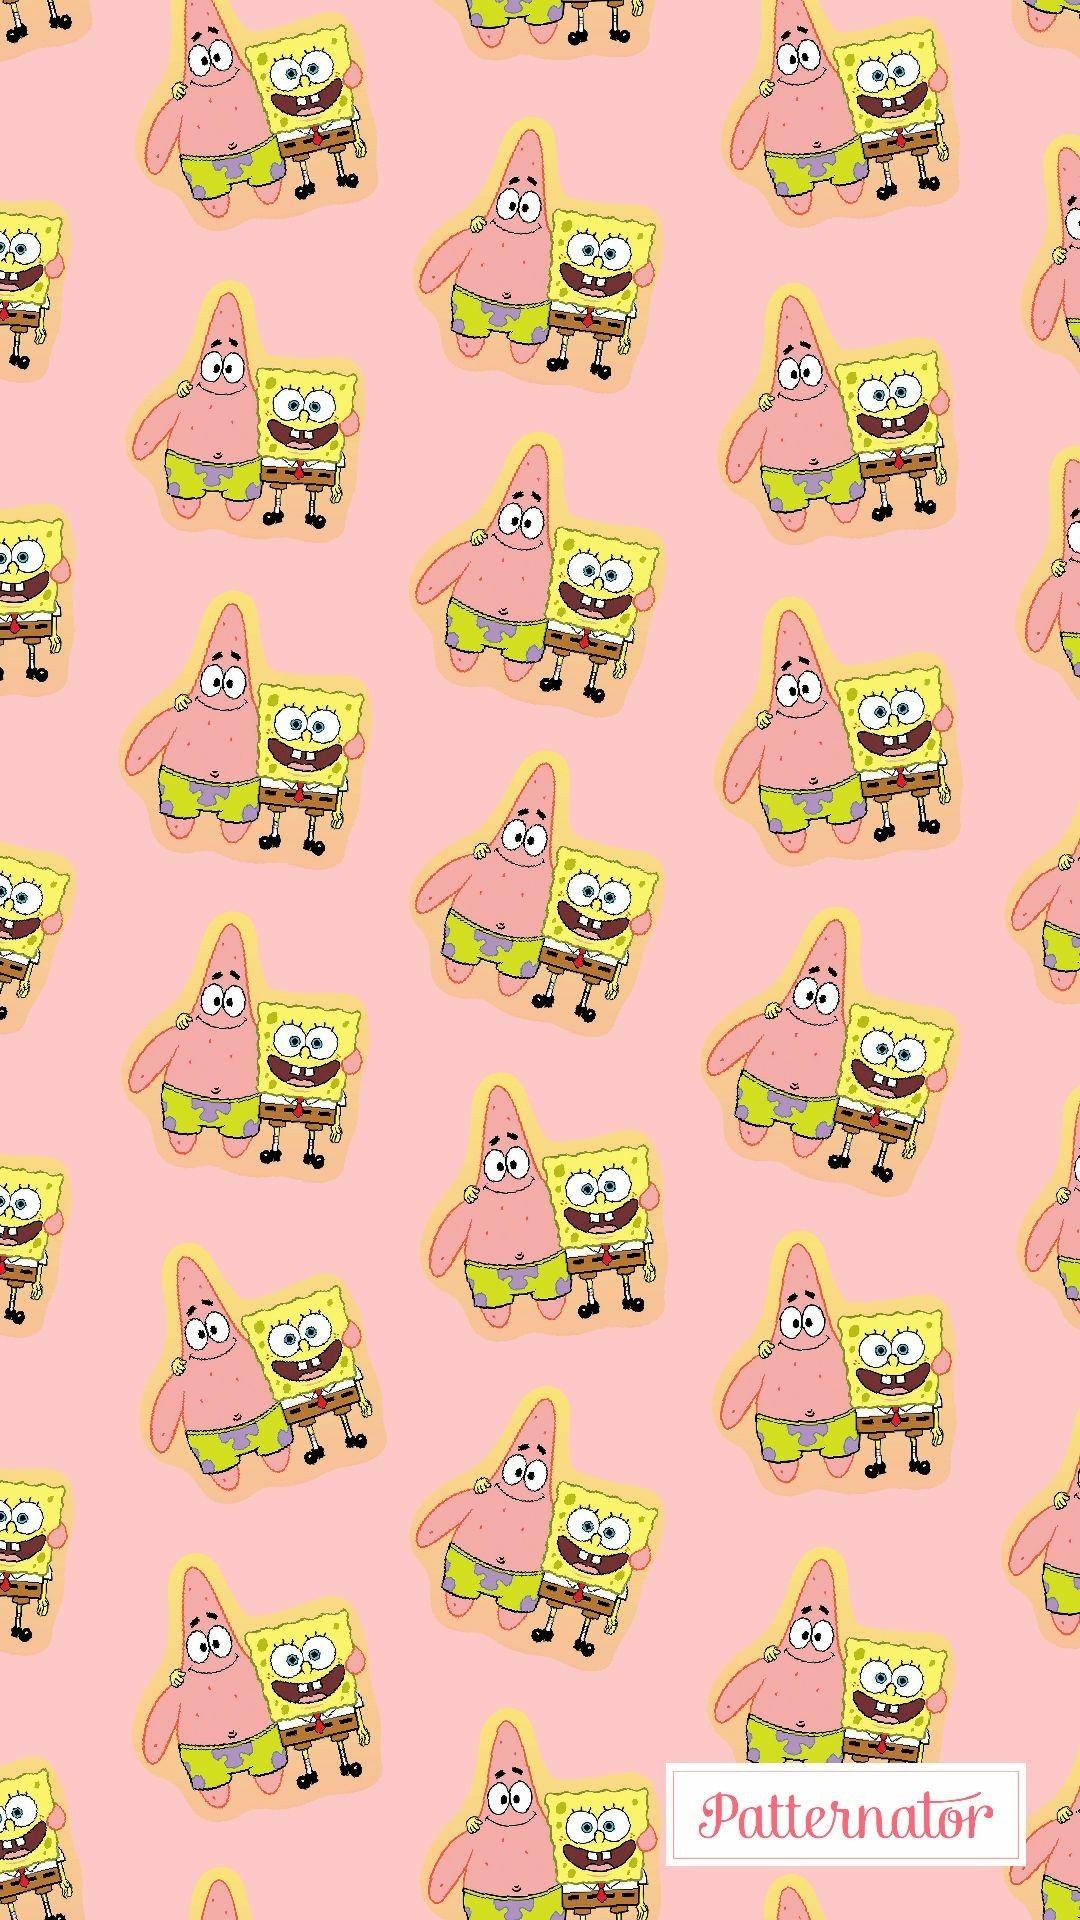 Wallpaper Bob Esponja Patrick Spongebob Wallpaper Spongebob